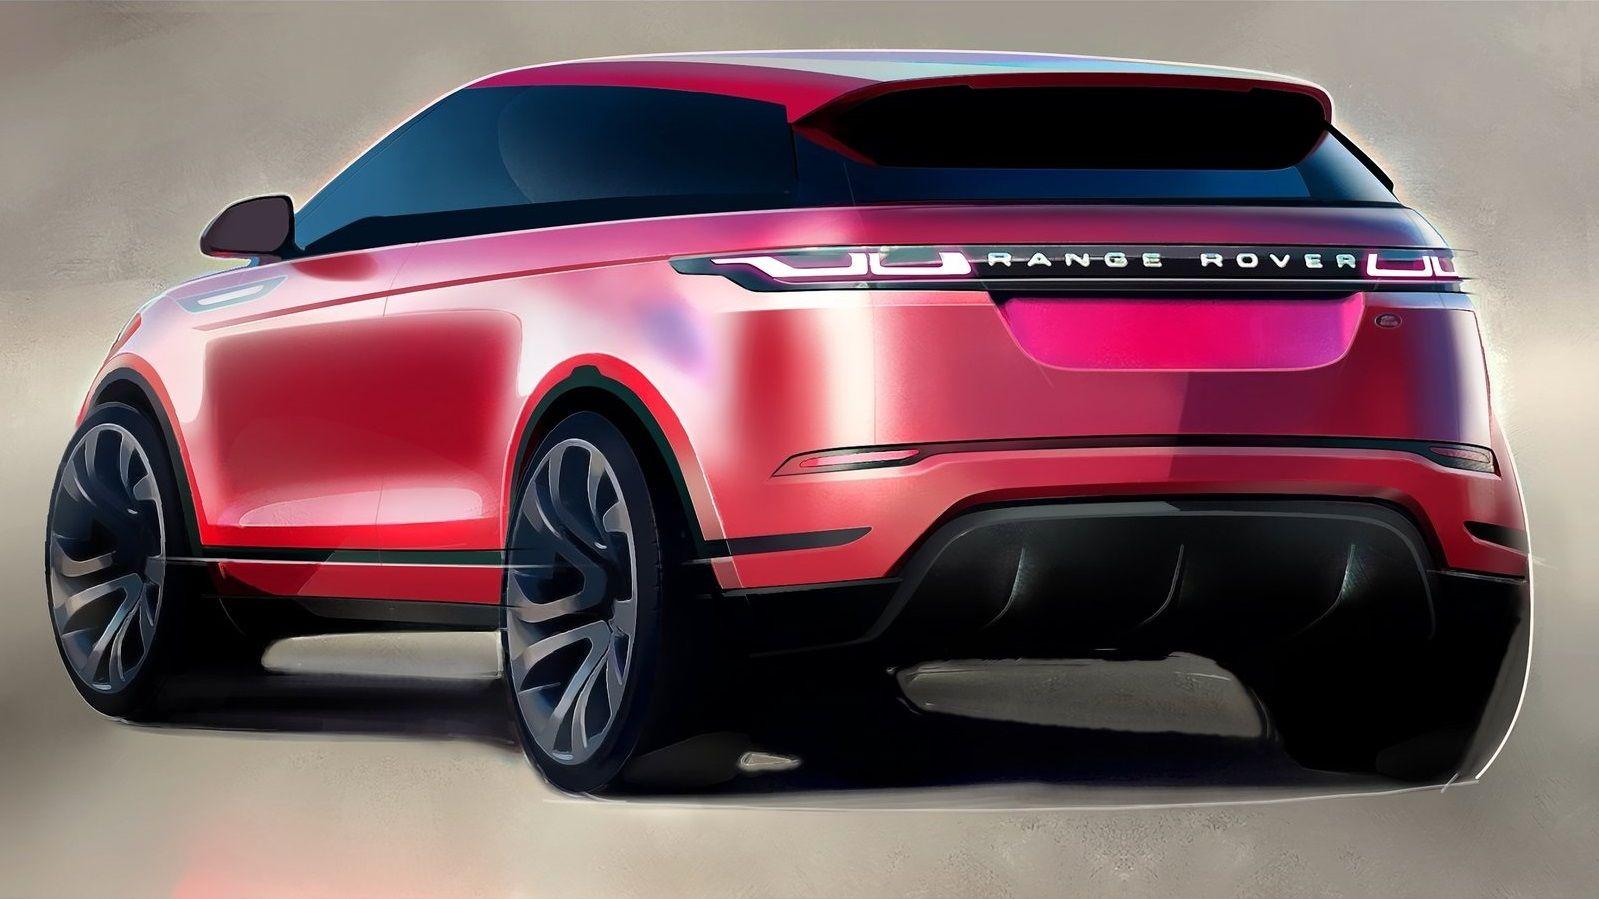 2019 Range Rover Evoque в 2020 г Роскошные автомобили